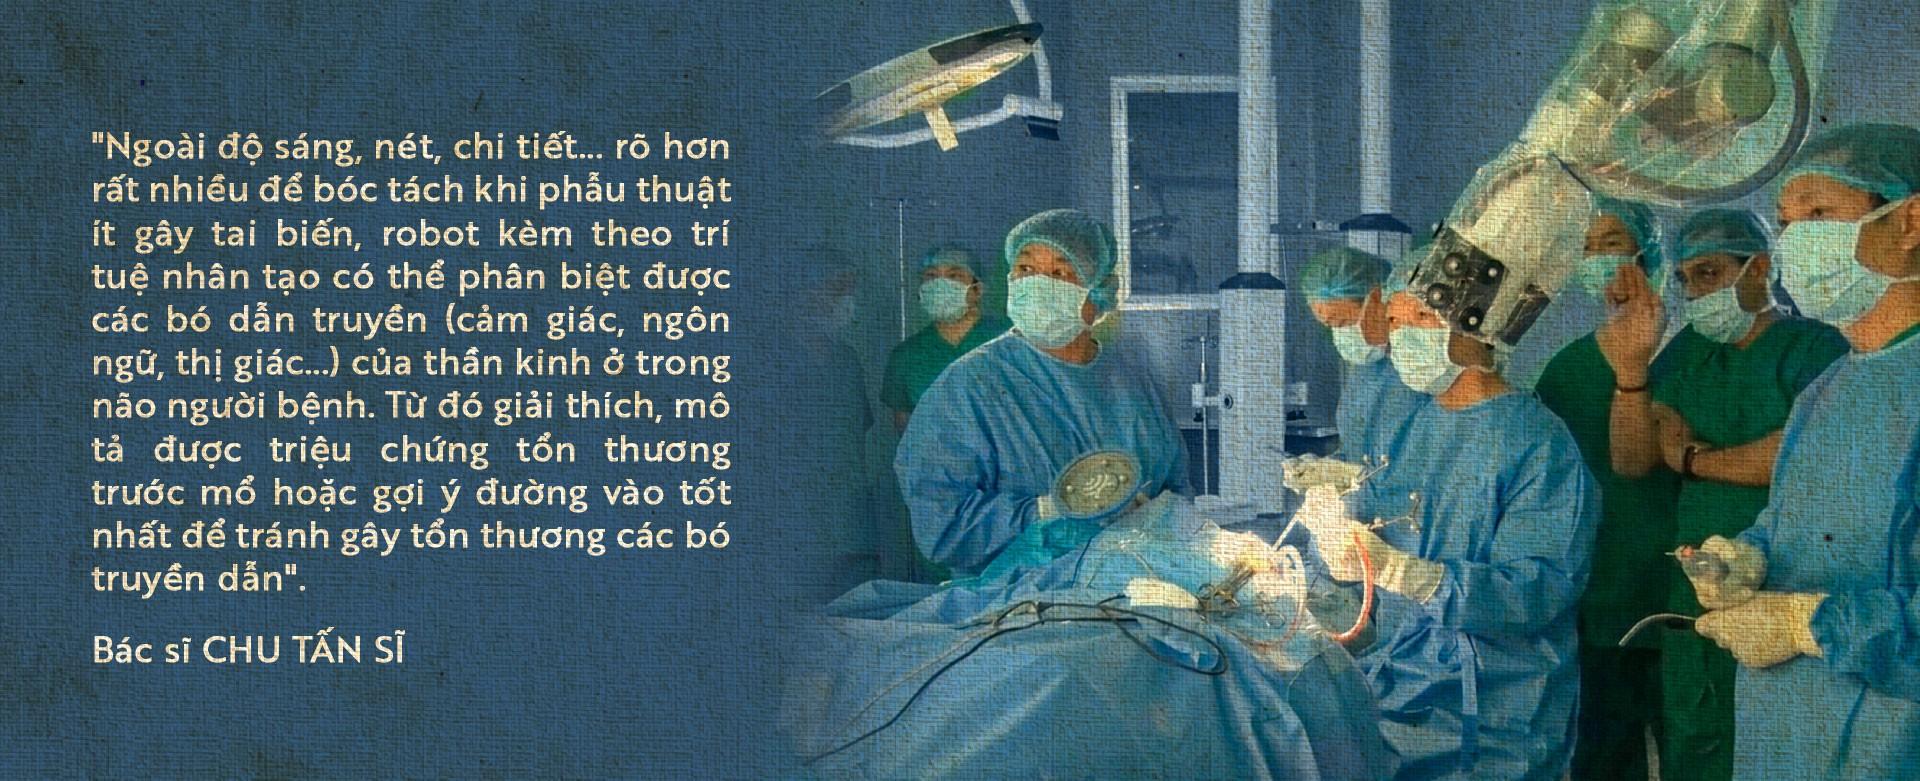 Bác sĩ robot cứu người - Ảnh 4.